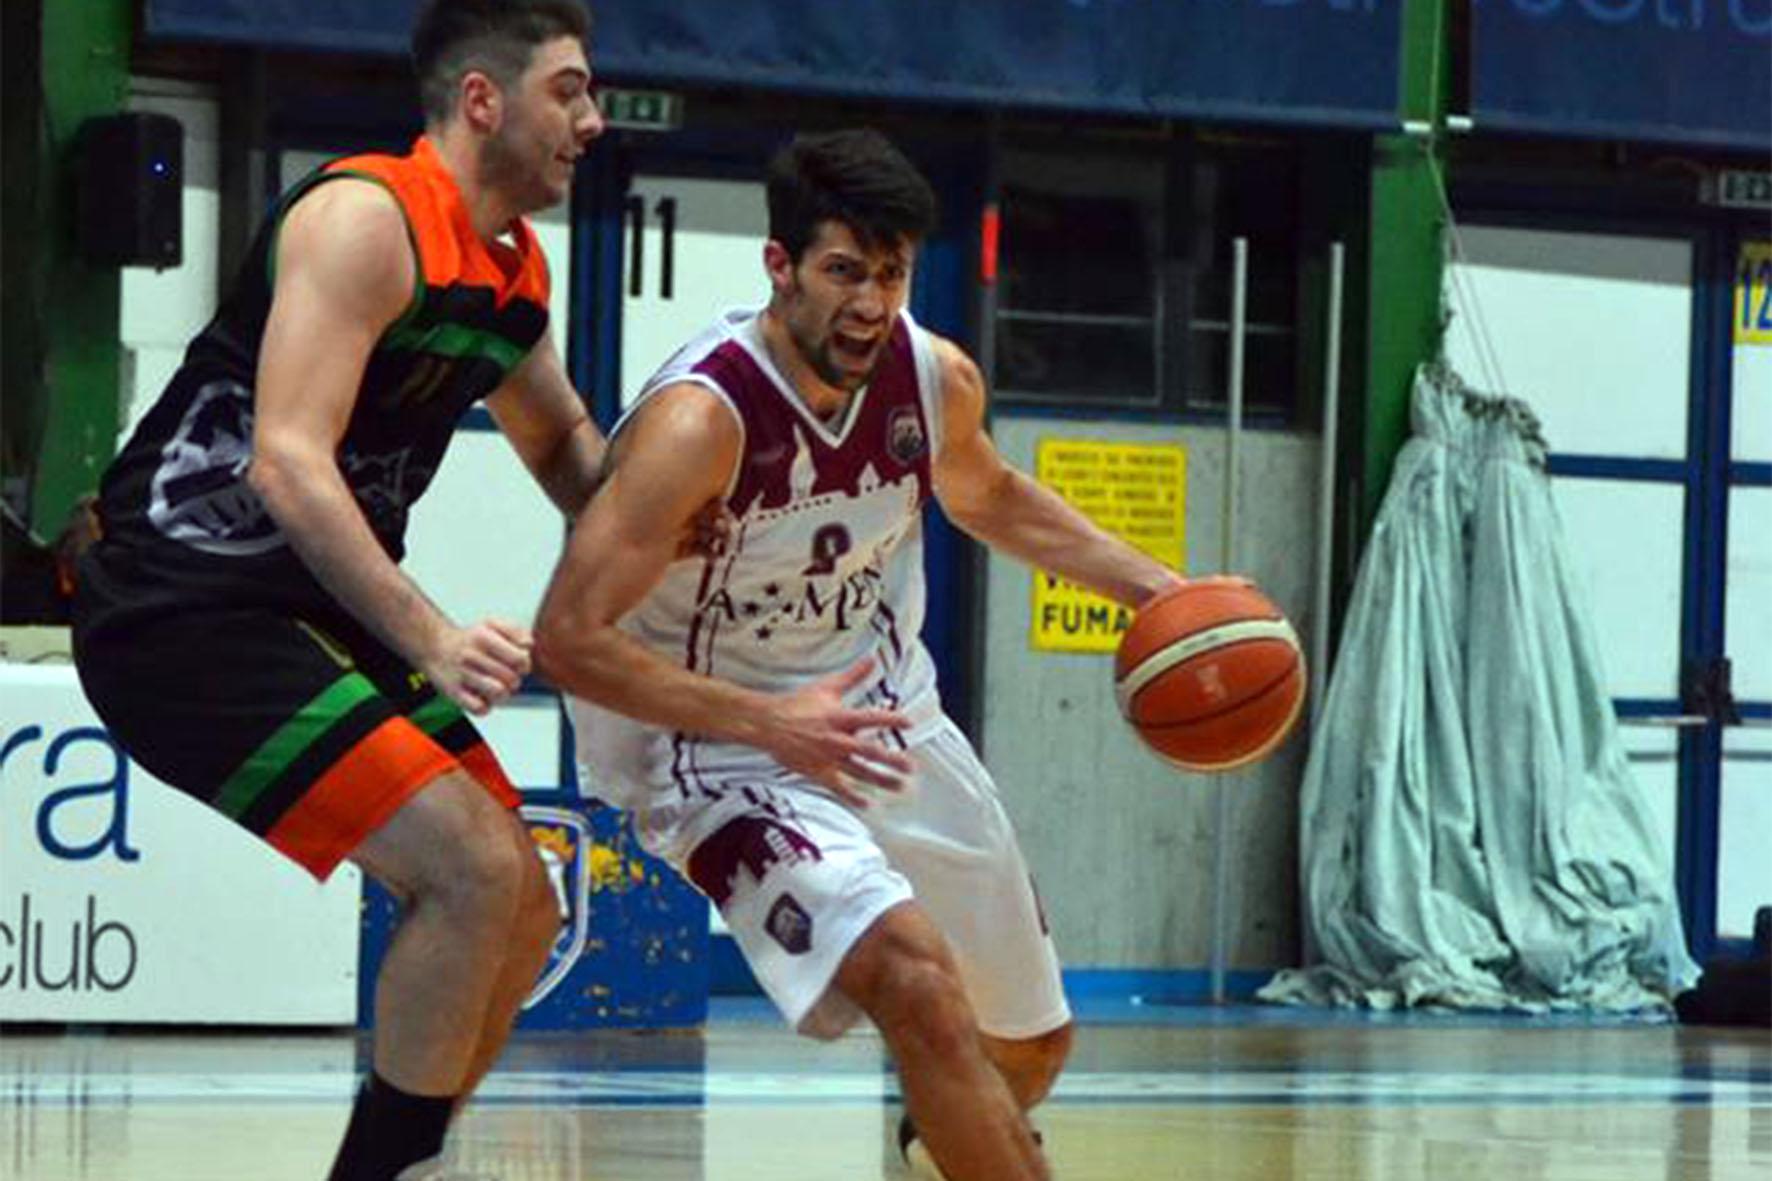 Scuola Basket Arezzo - Serie C Gold 27-03-20